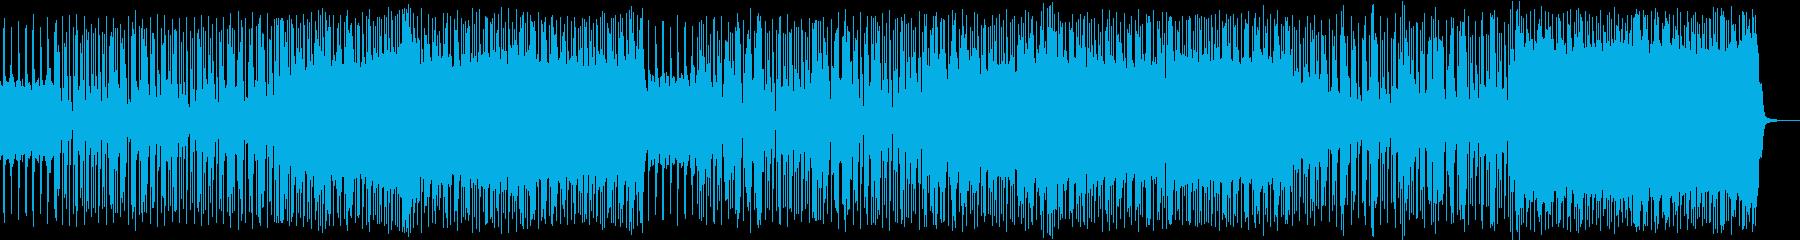 ポップロック研究所弾力性のある明る...の再生済みの波形